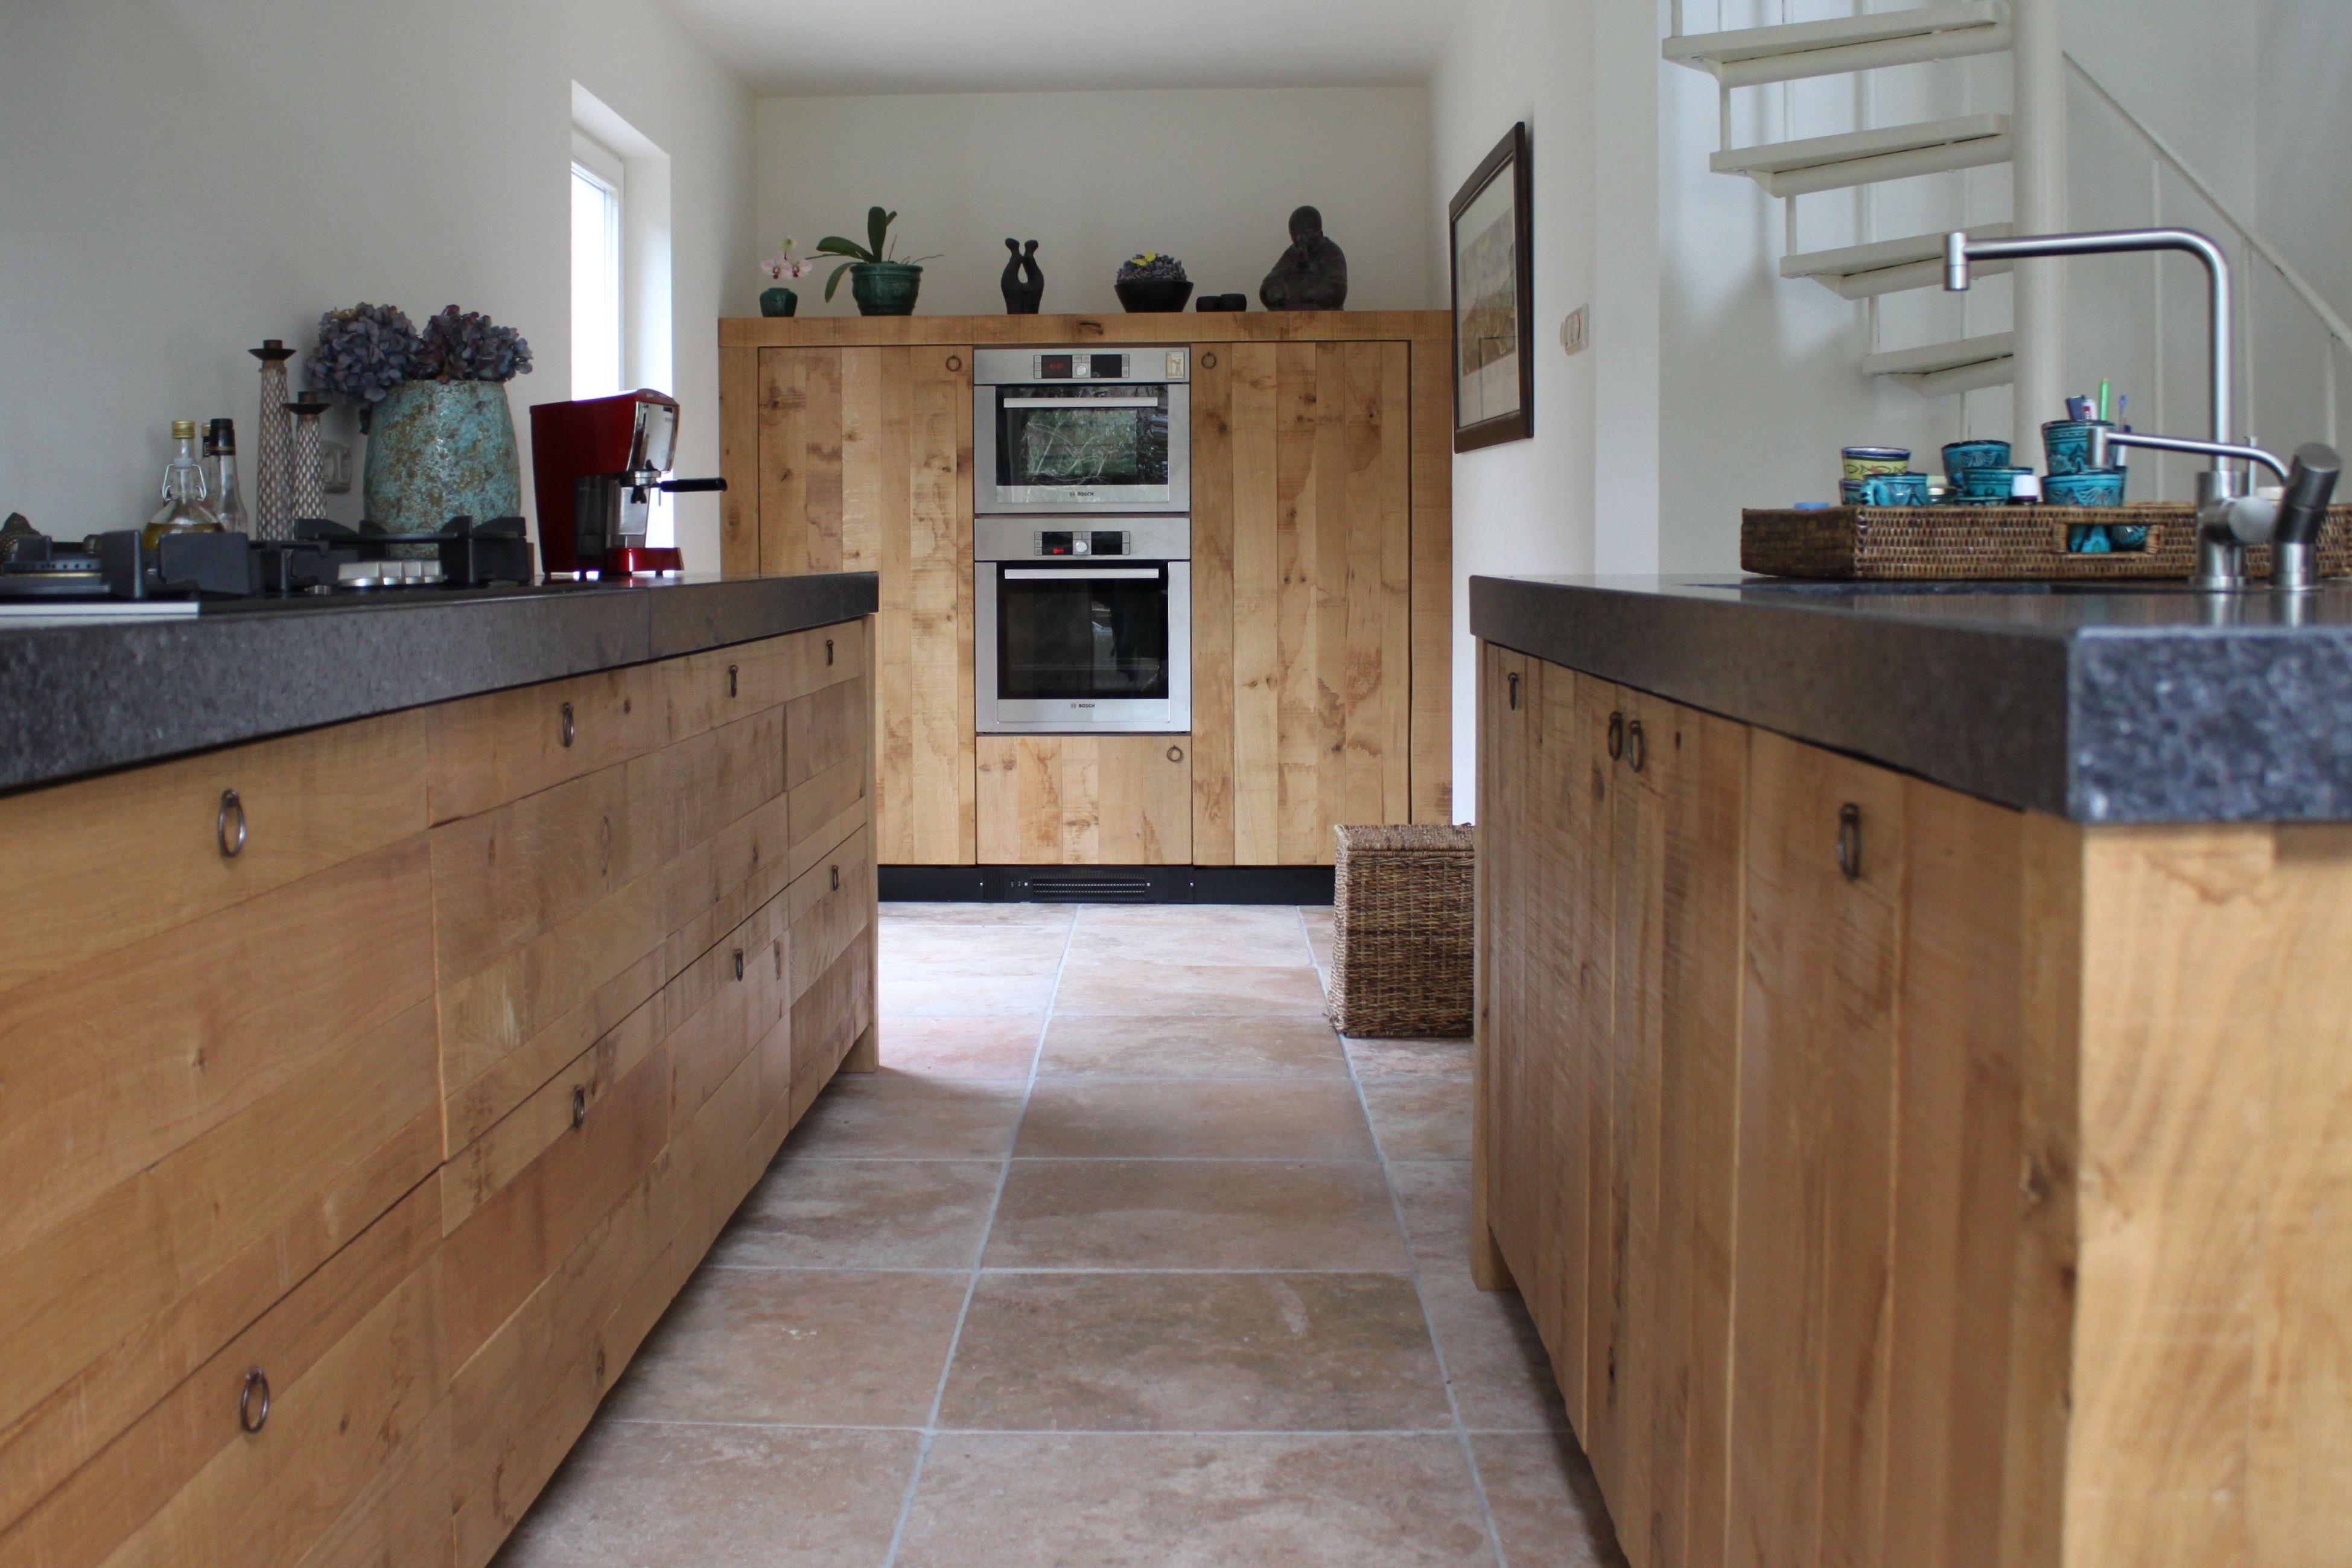 Keuken Eiken Houten : Ruw eiken houten keuken de eerste ruwe houten keuken van jp